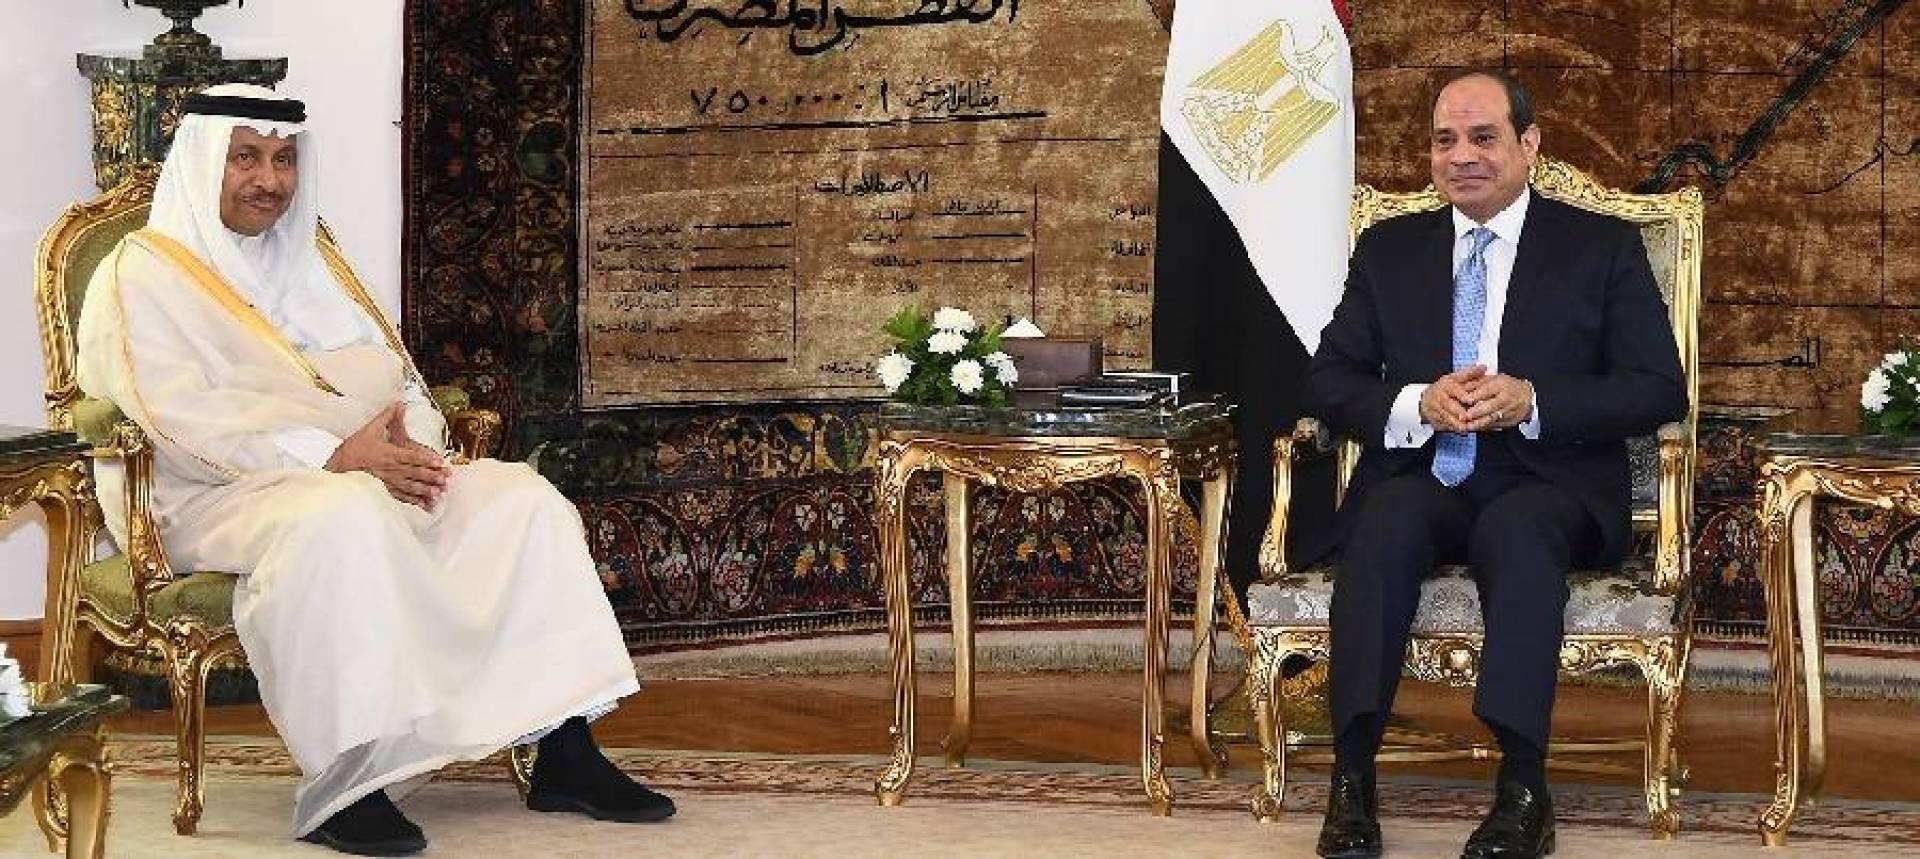 رئيس الوزراء يسلم رسالة خطية من سمو الأمير إلى الرئيس المصري